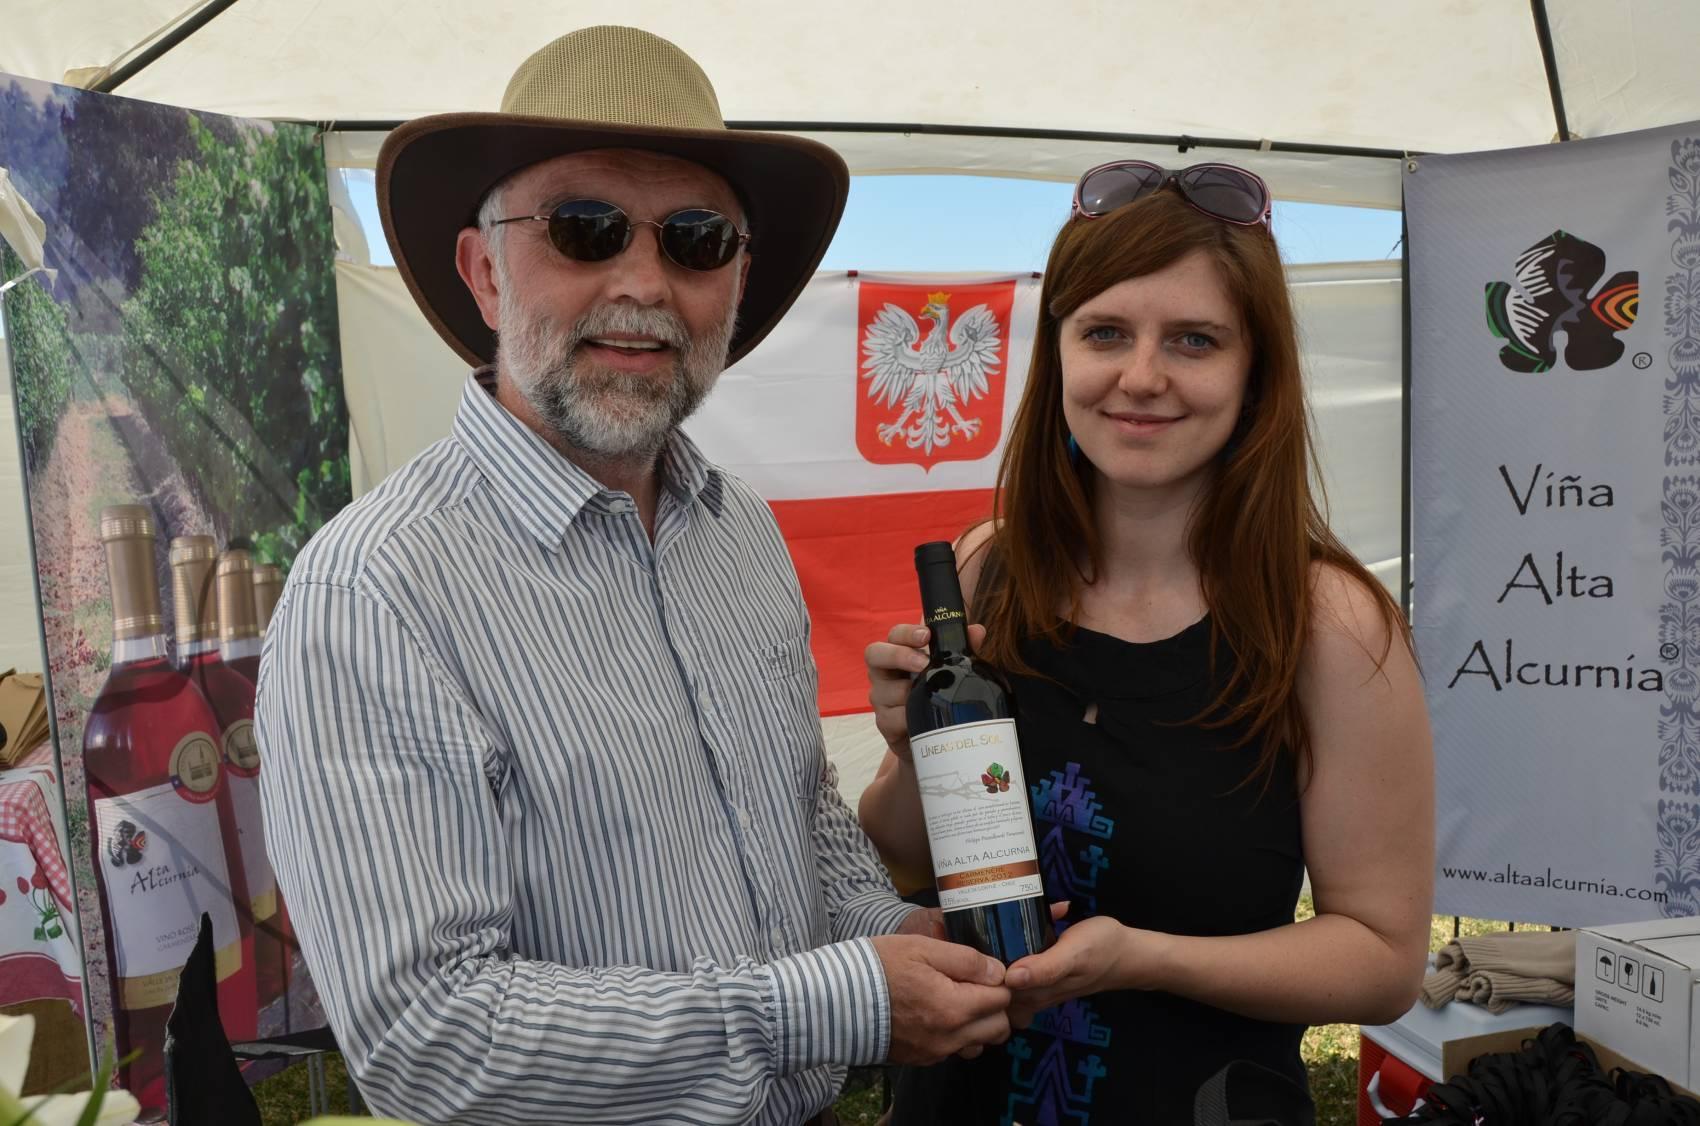 Jak obejsc 28 krajow w jeden dzien, pijac przy tym polskie wino z Chile